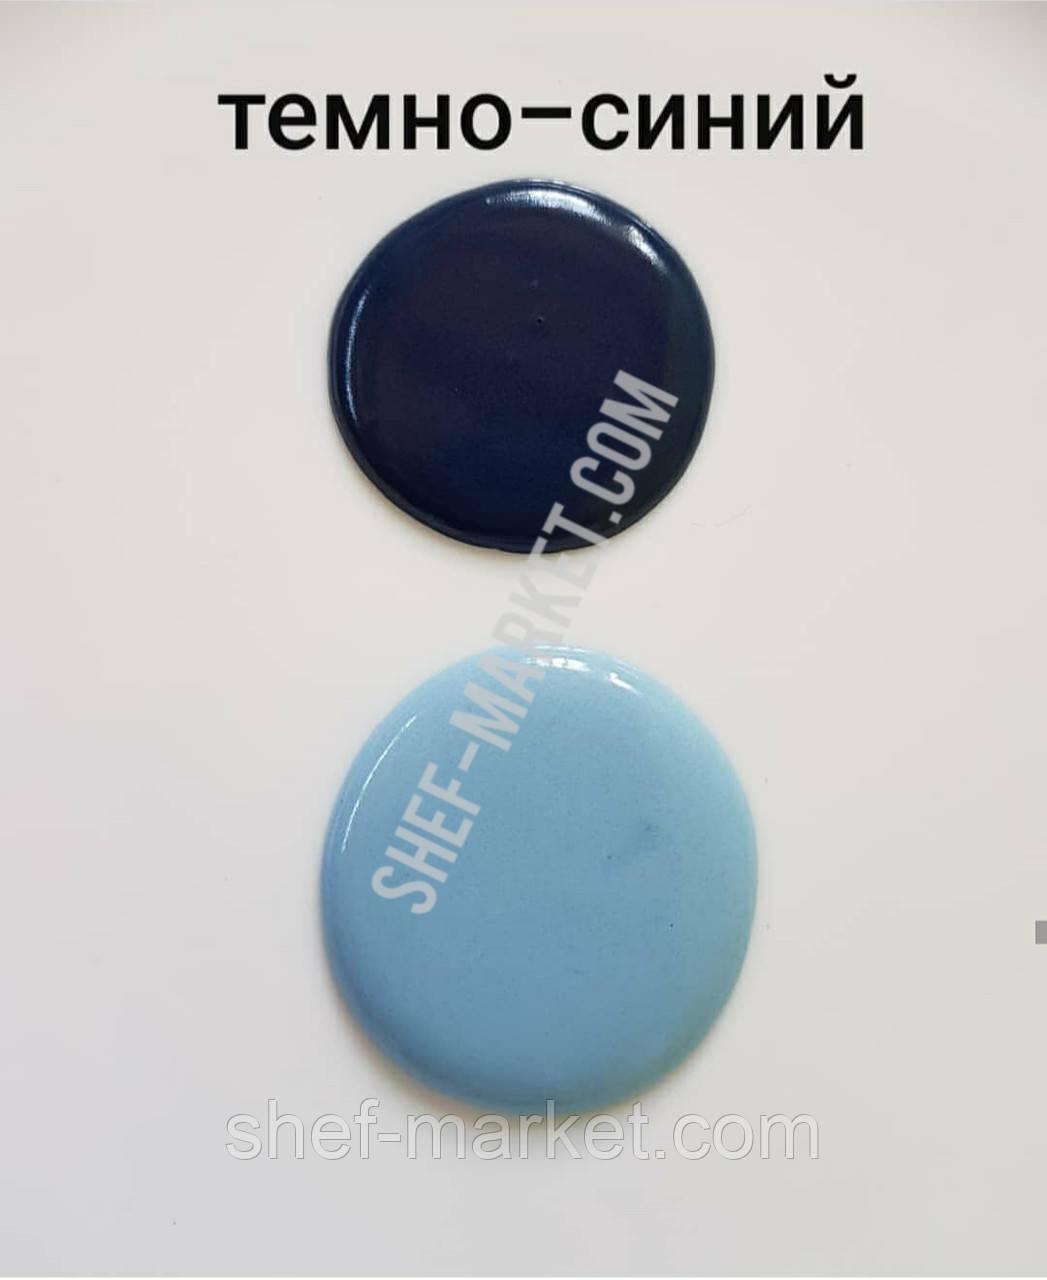 Сухой водорастворимый краситель темно-синий, 5гр